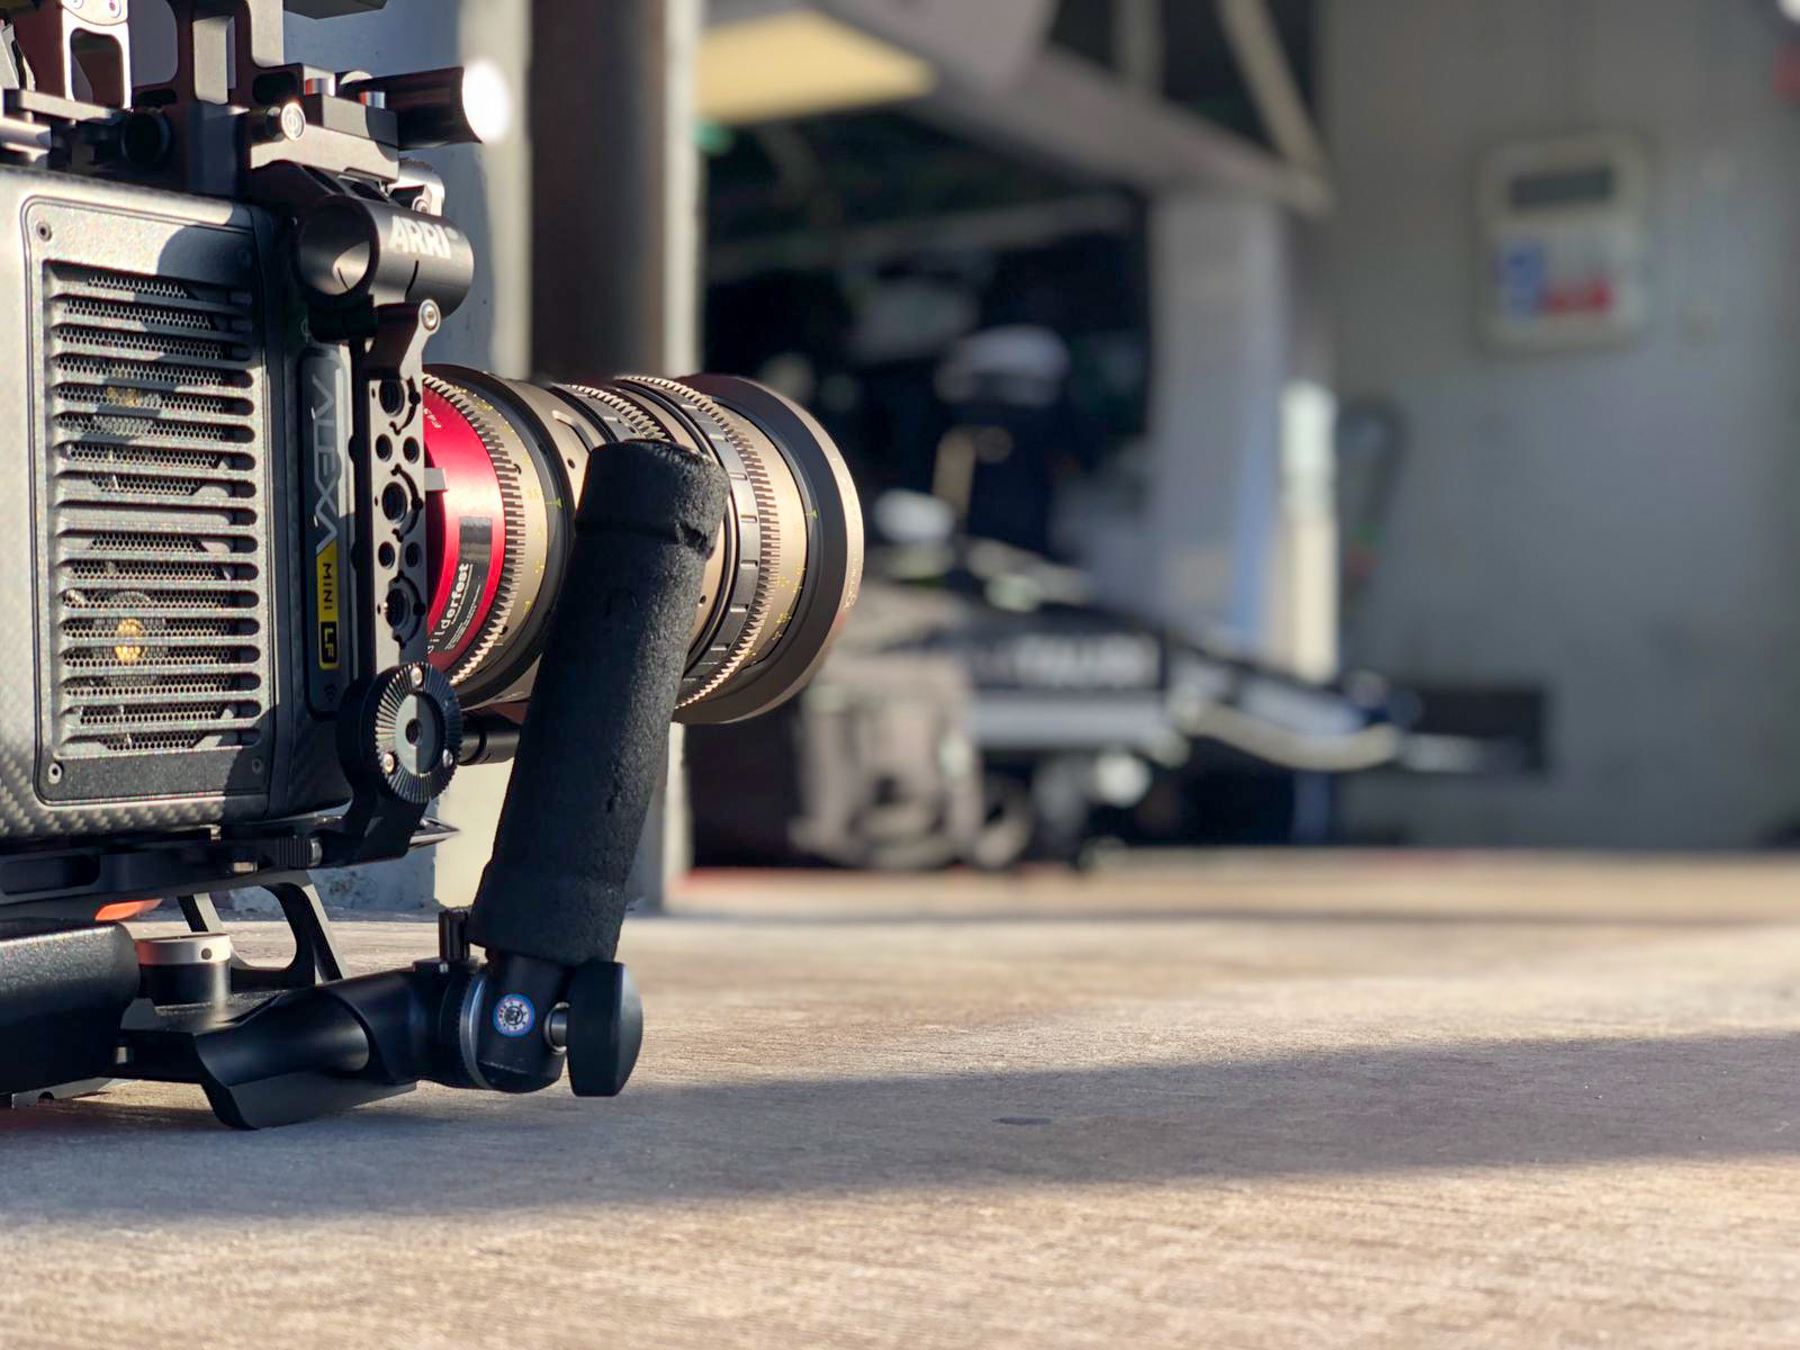 Arri Mini Impressions - Alpha Tauri F1 Shakedown 2021